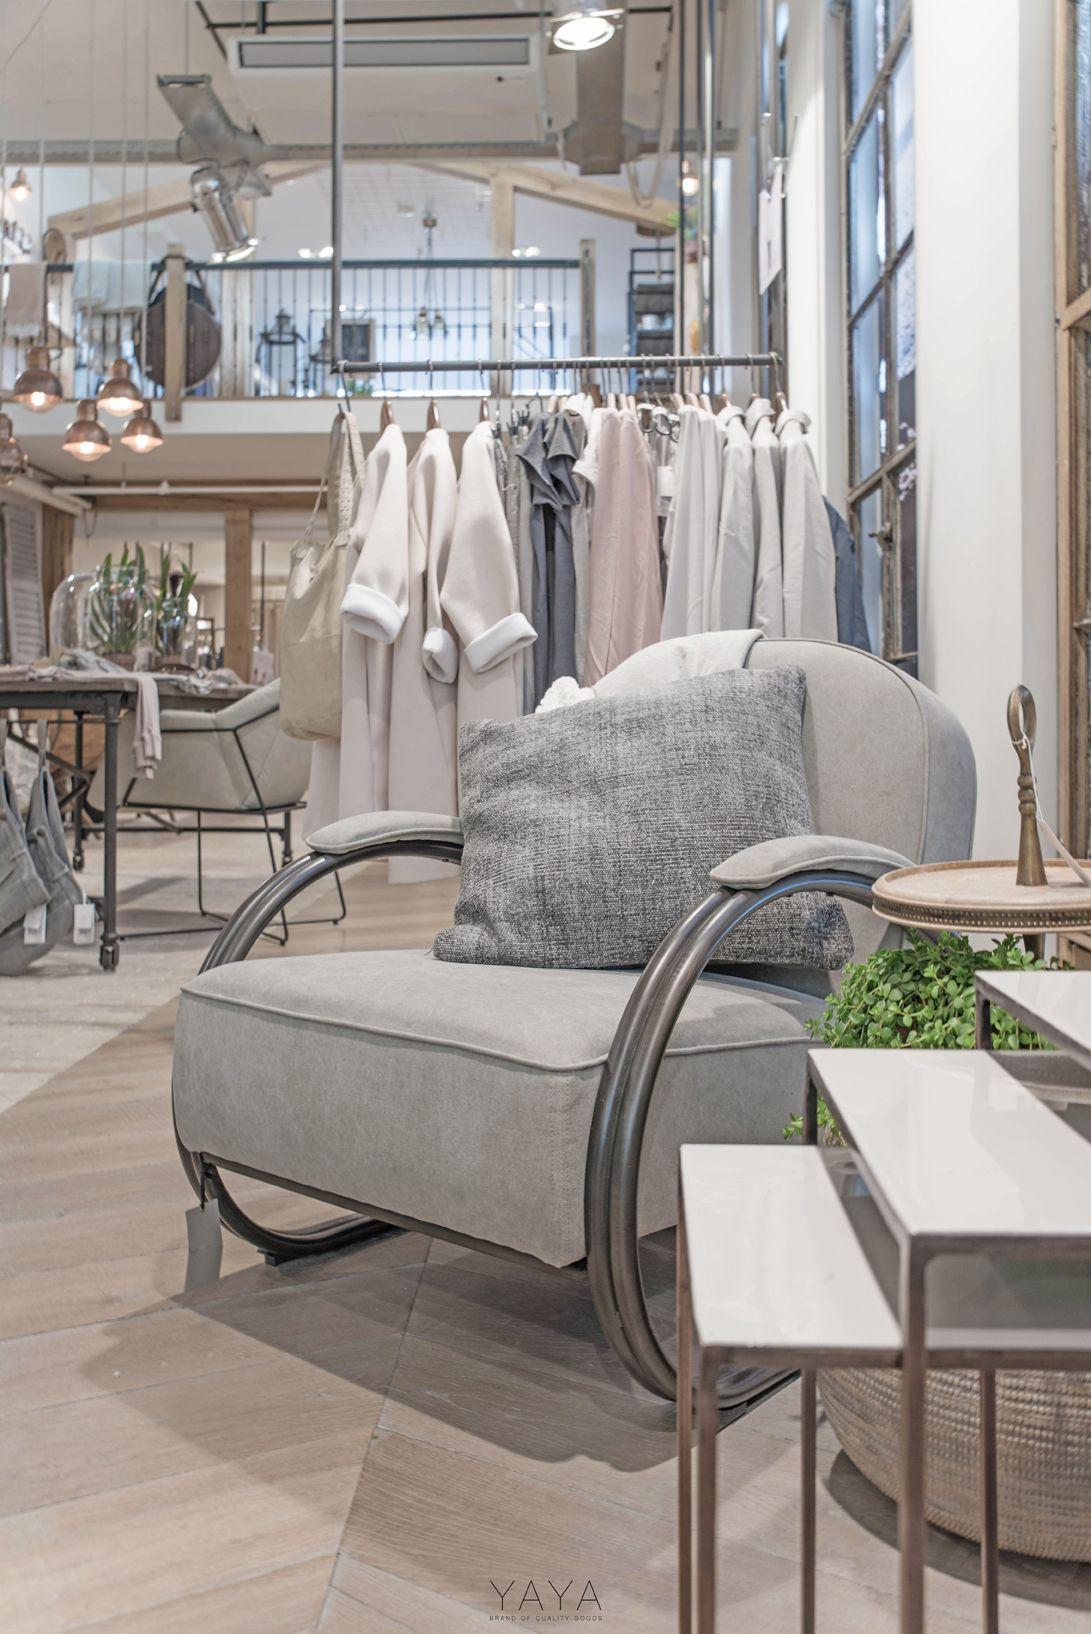 yaya concept store amstelveen photography paulina arcklin winkel design boetiek winkeltjes boetiek design